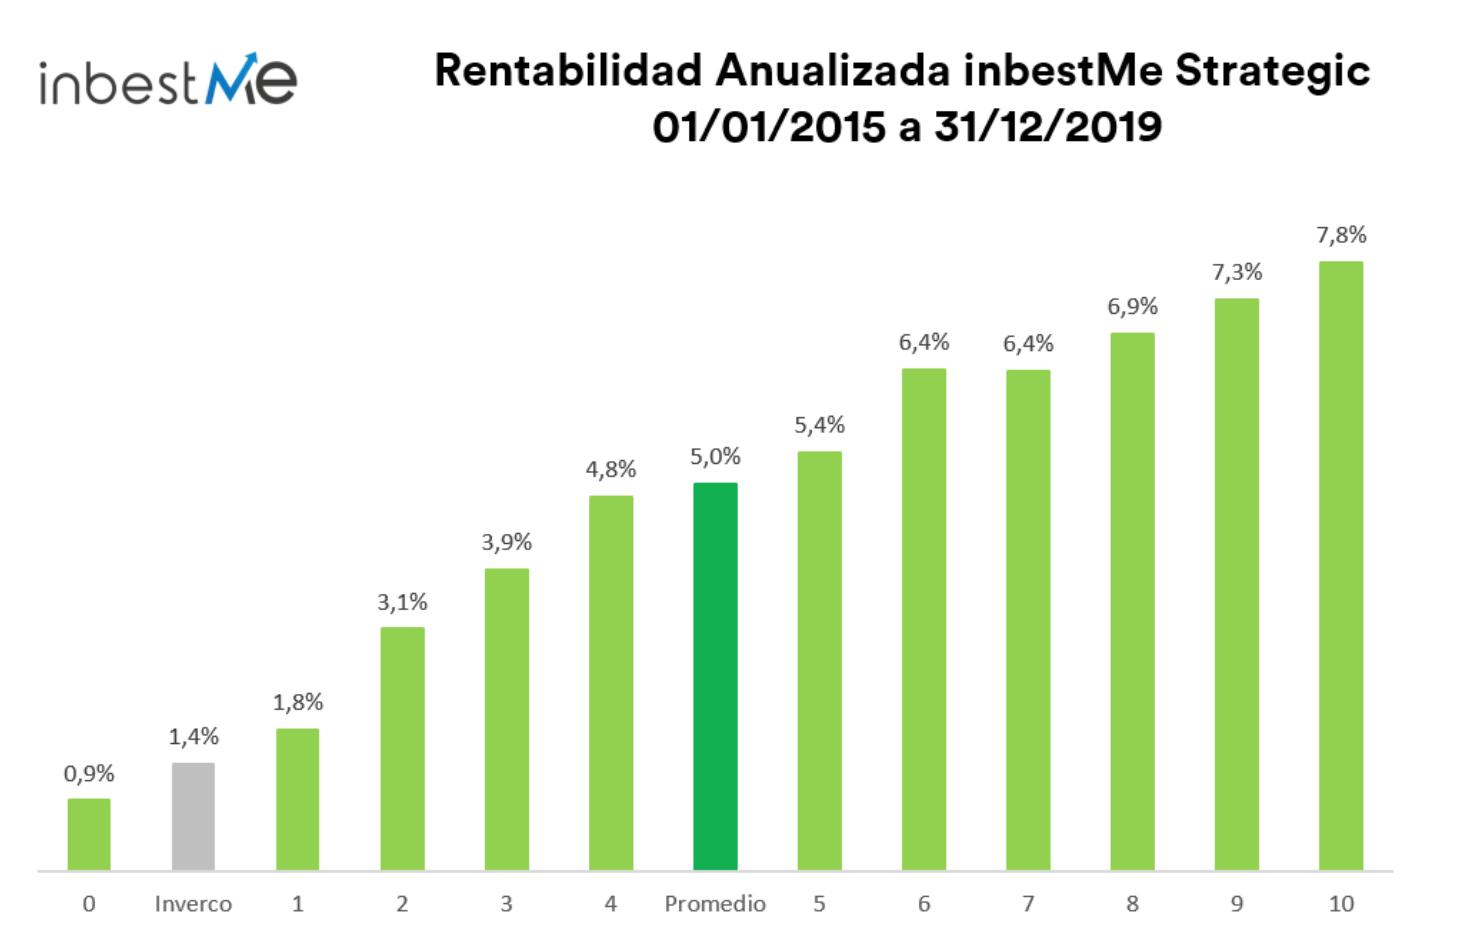 Rentabilidad anualizada de inbestme desde 2015 a finales de 2019